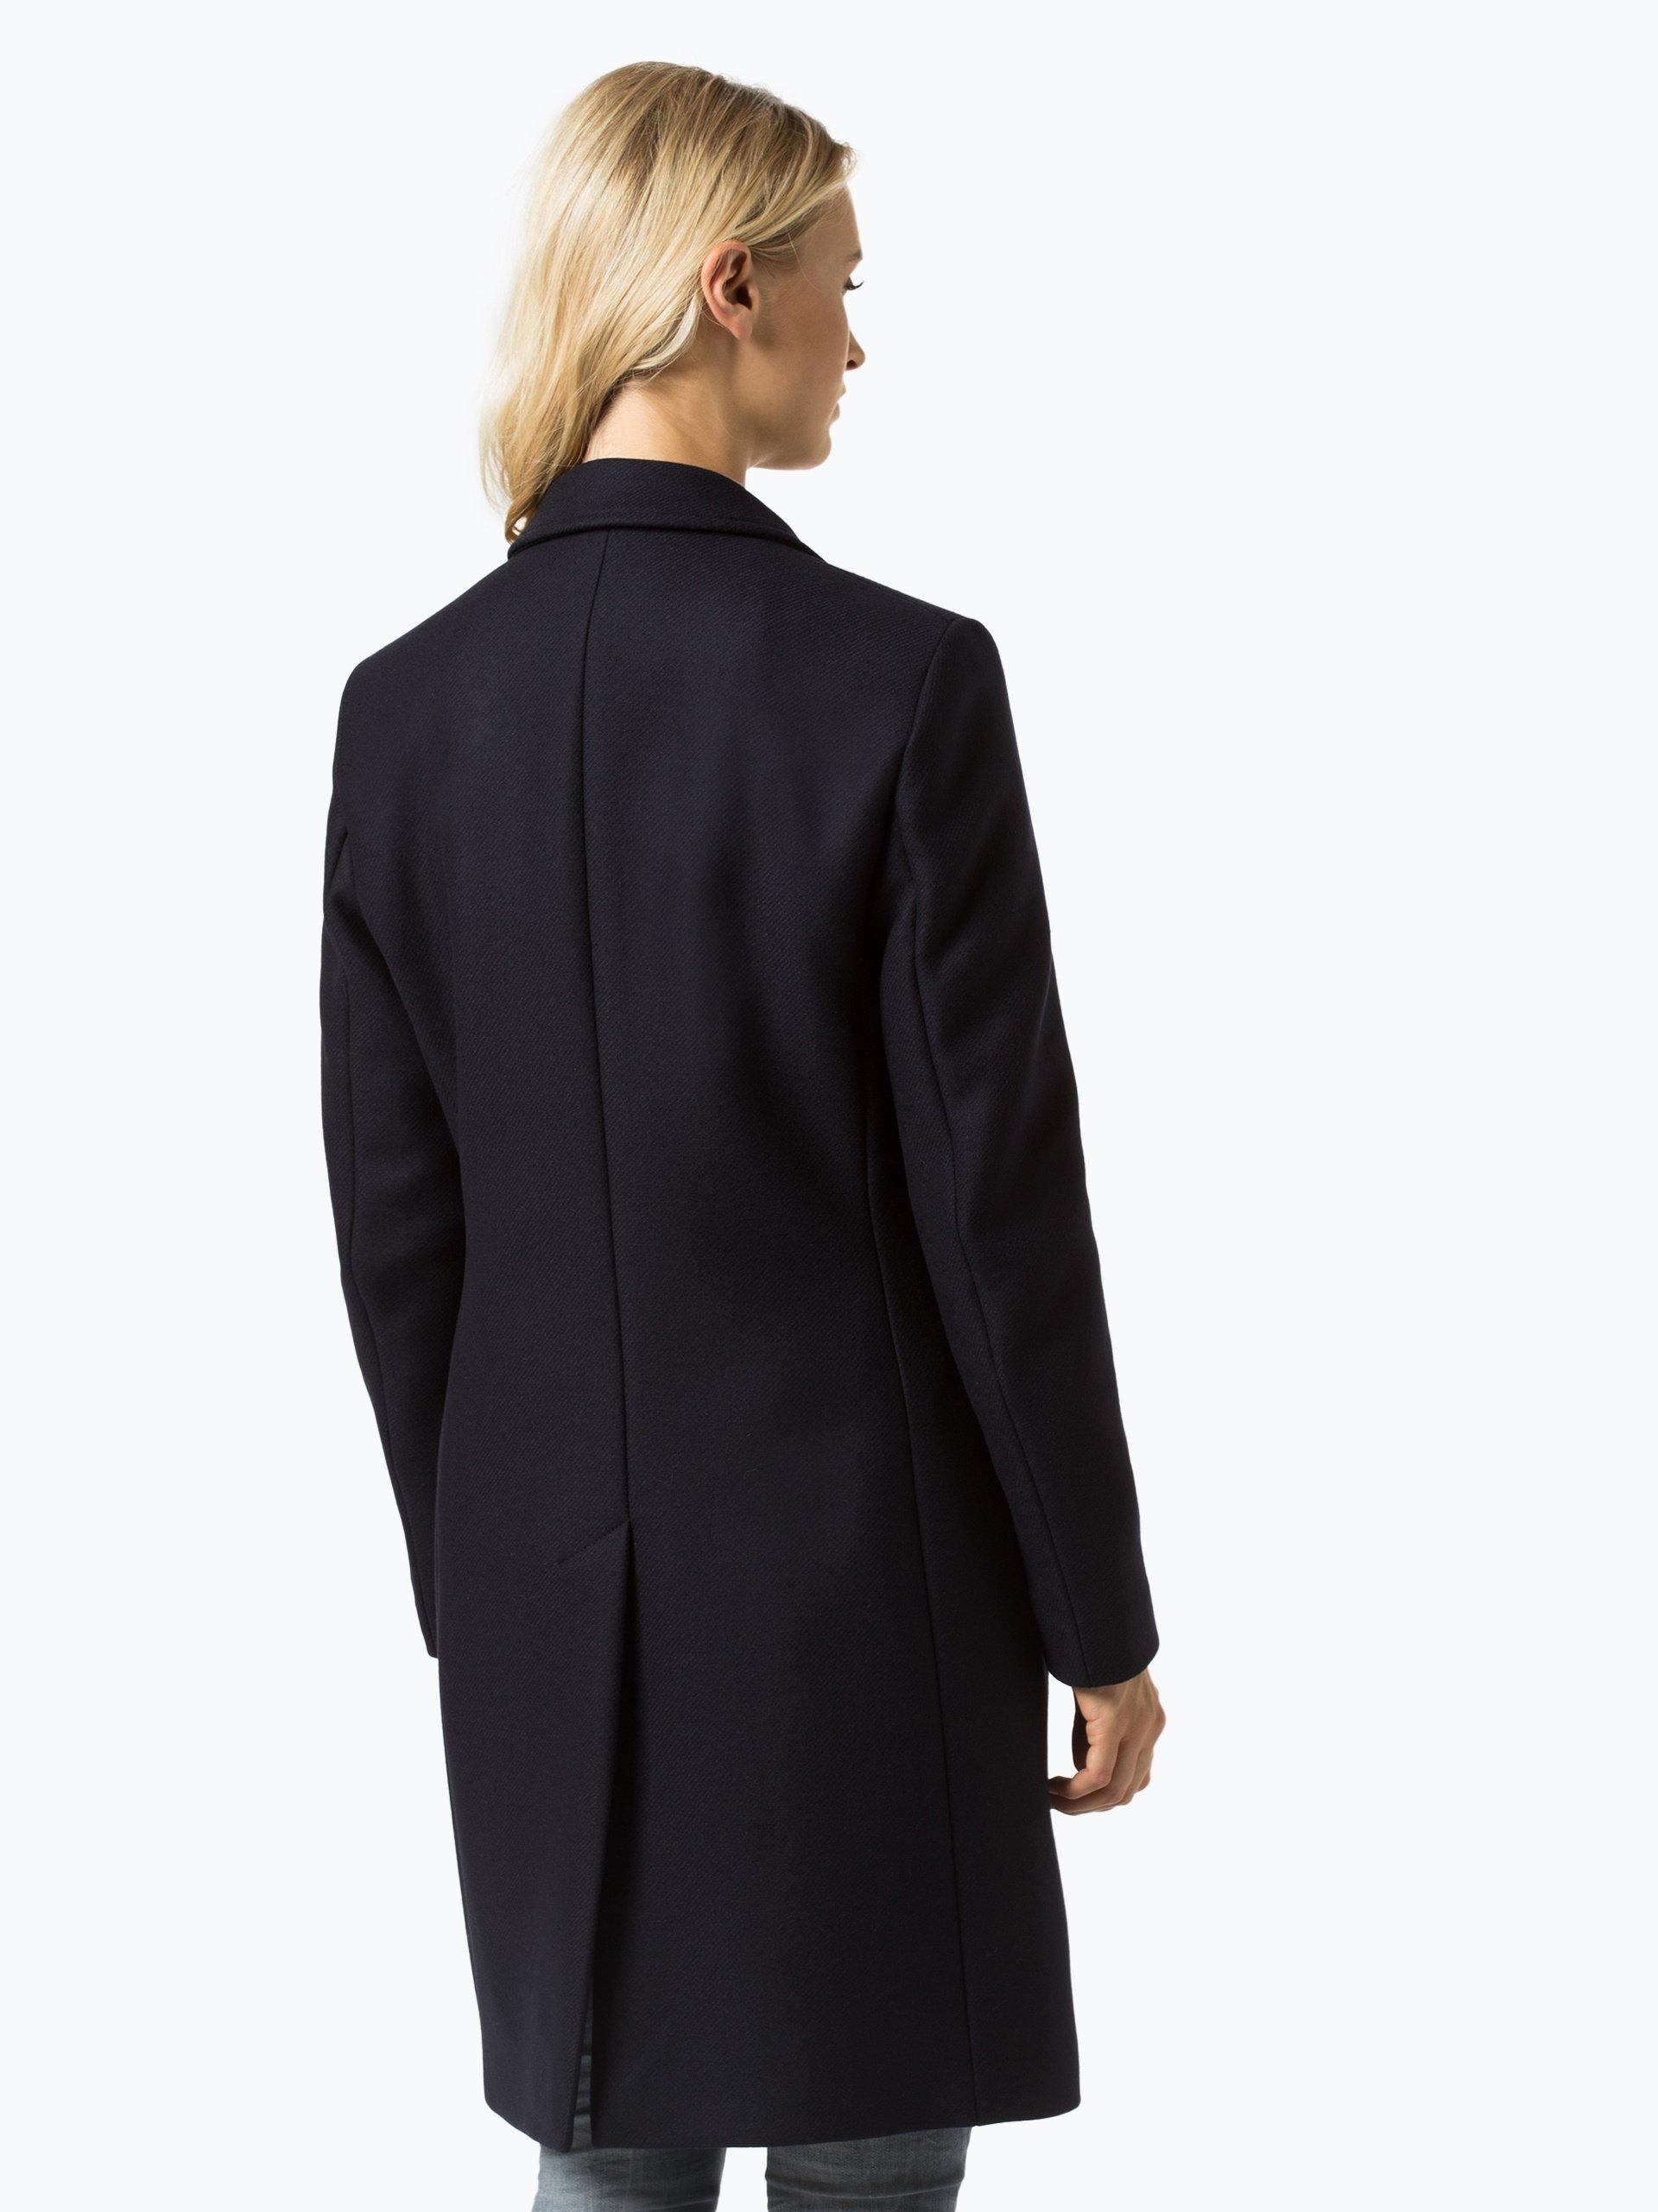 tommy hilfiger damen mantel mit cashmere anteil marine uni online kaufen peek und cloppenburg de. Black Bedroom Furniture Sets. Home Design Ideas